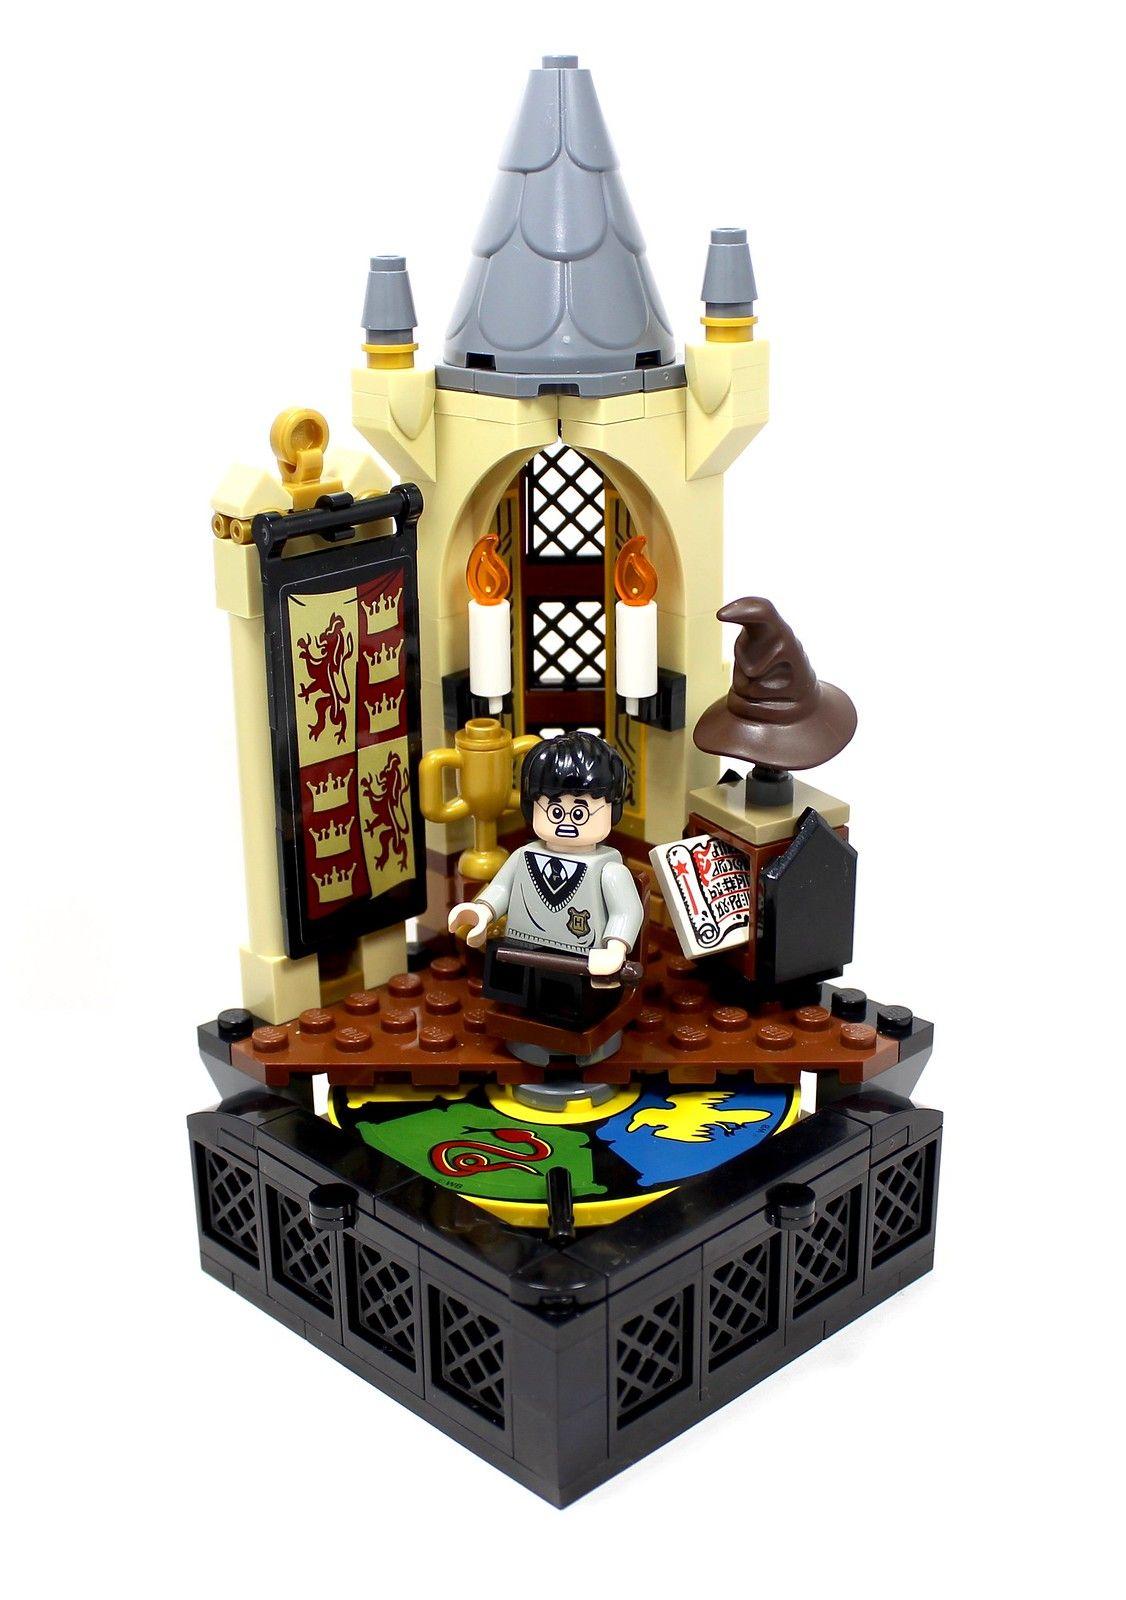 Lego Harry Potter 4701 Lego Harry Potter Moc Harry Potter Toys Lego Hogwarts